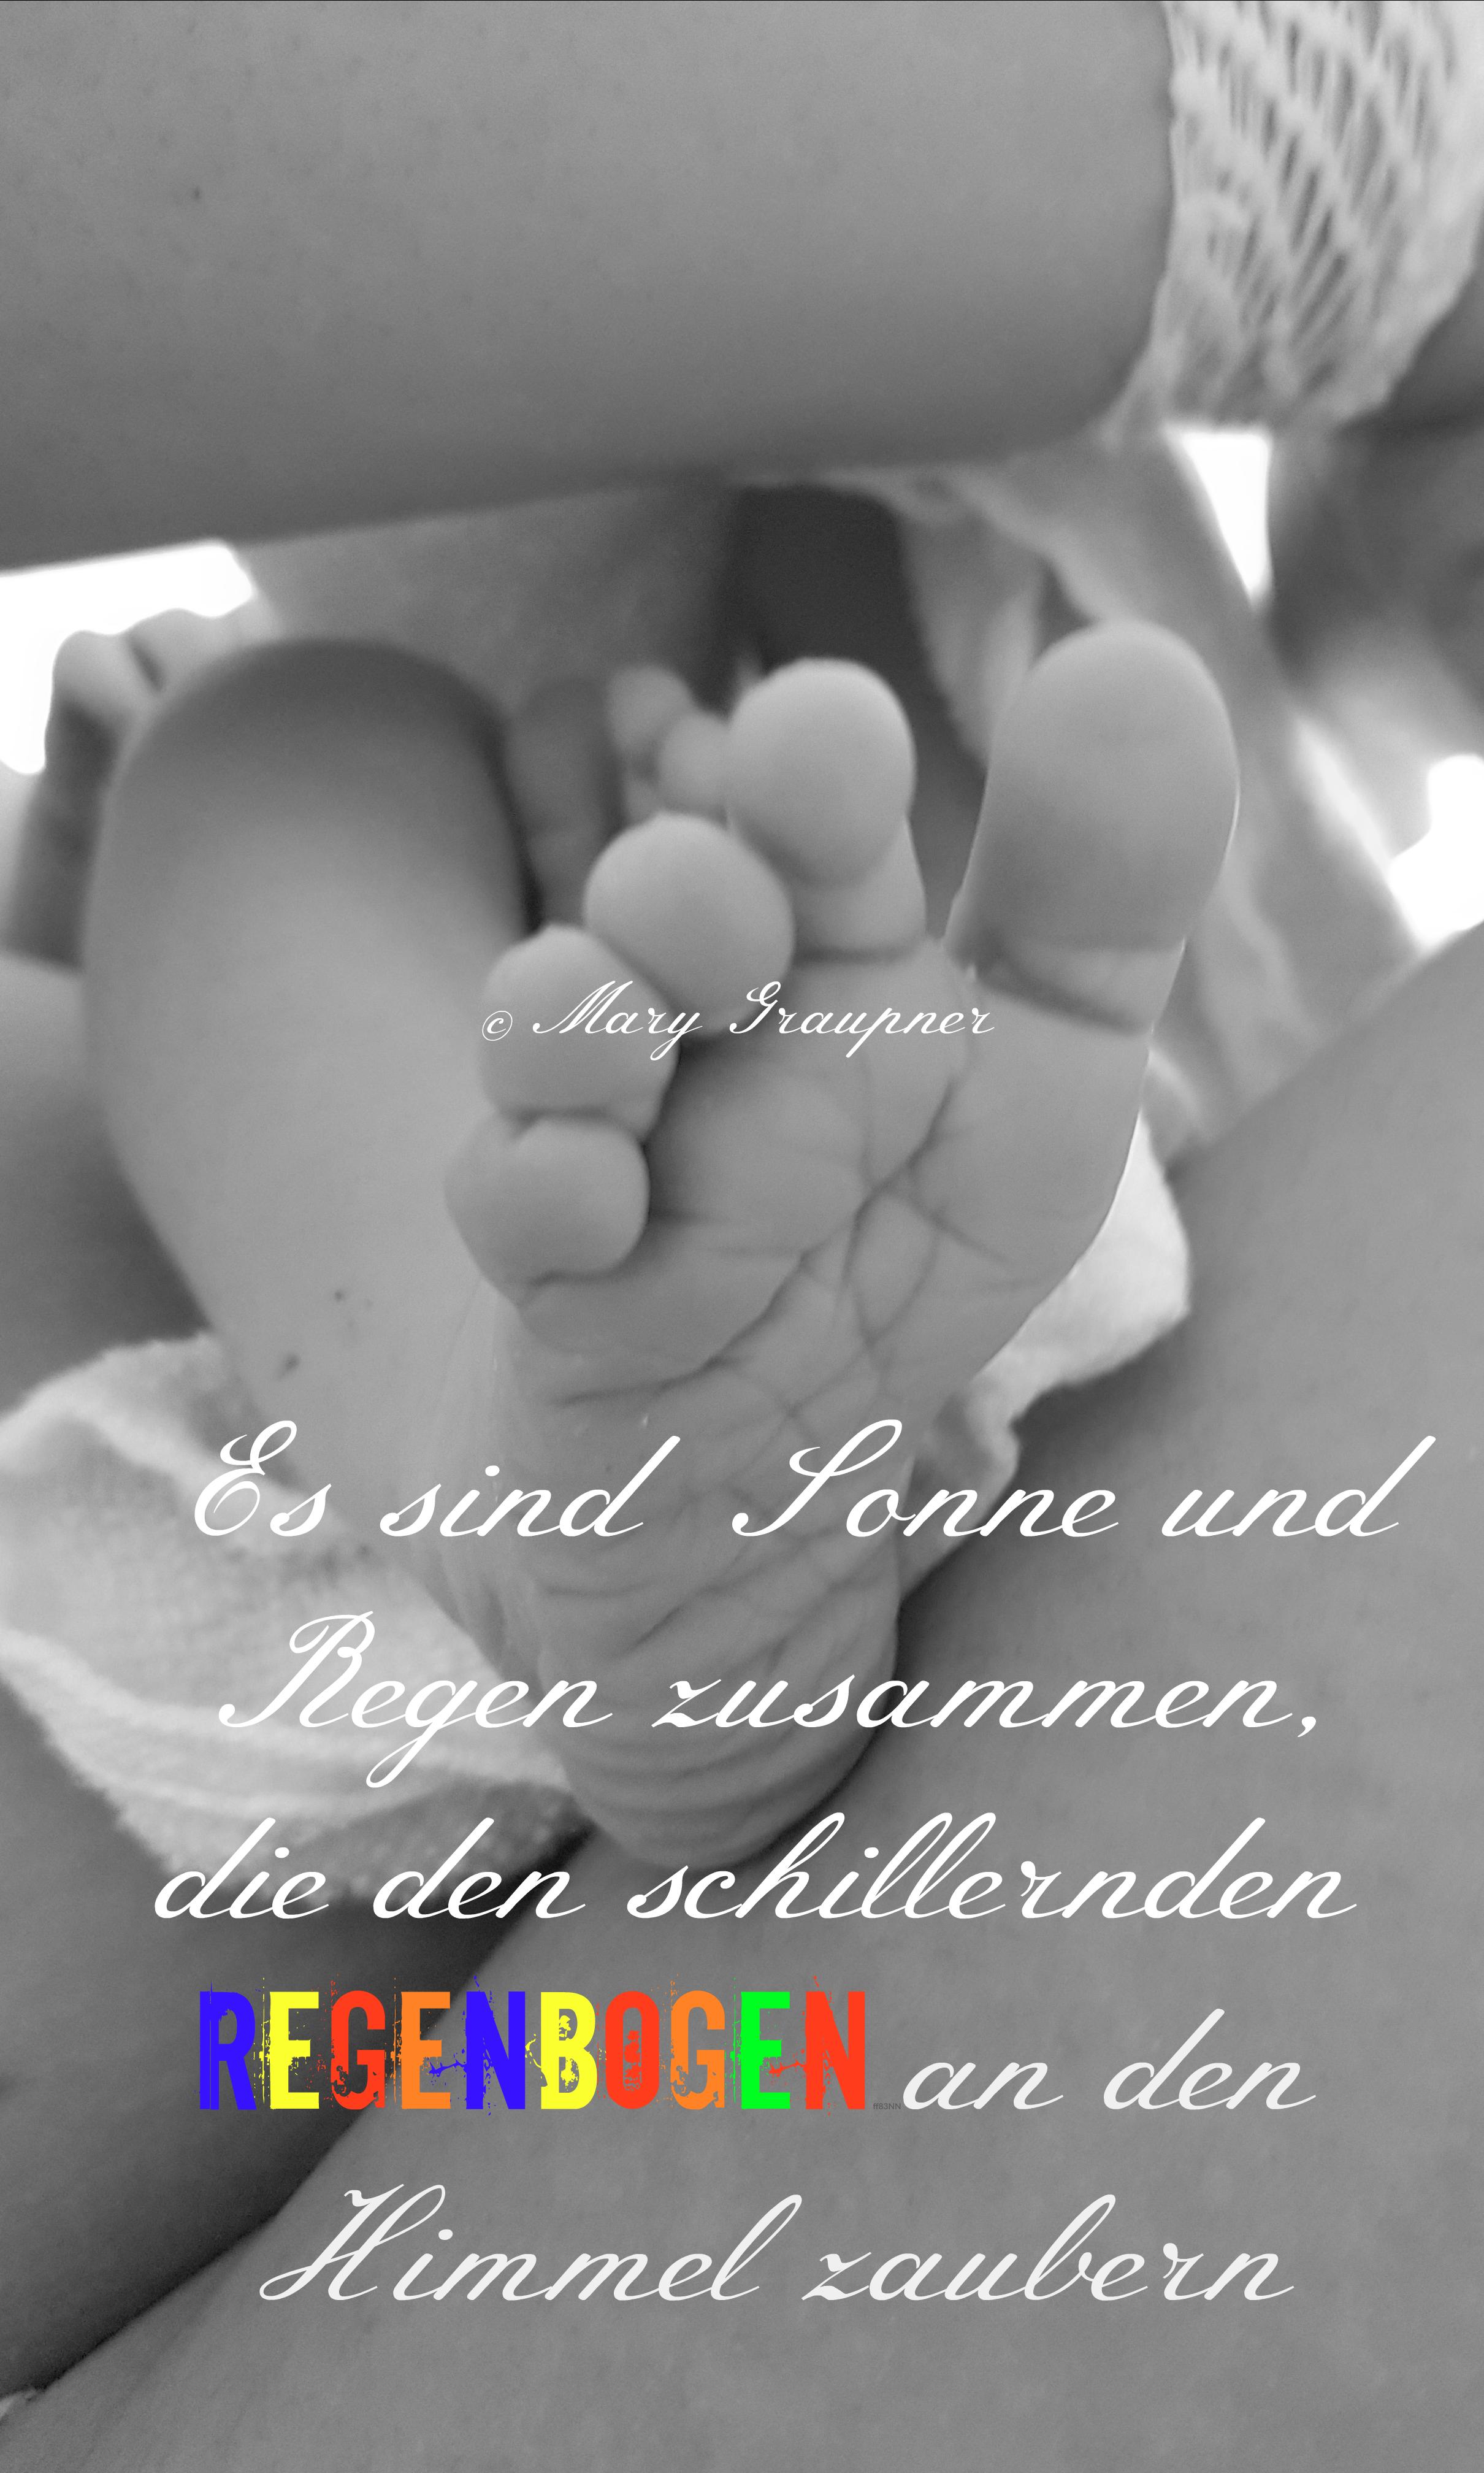 Spruche fur ein ungeborenes baby